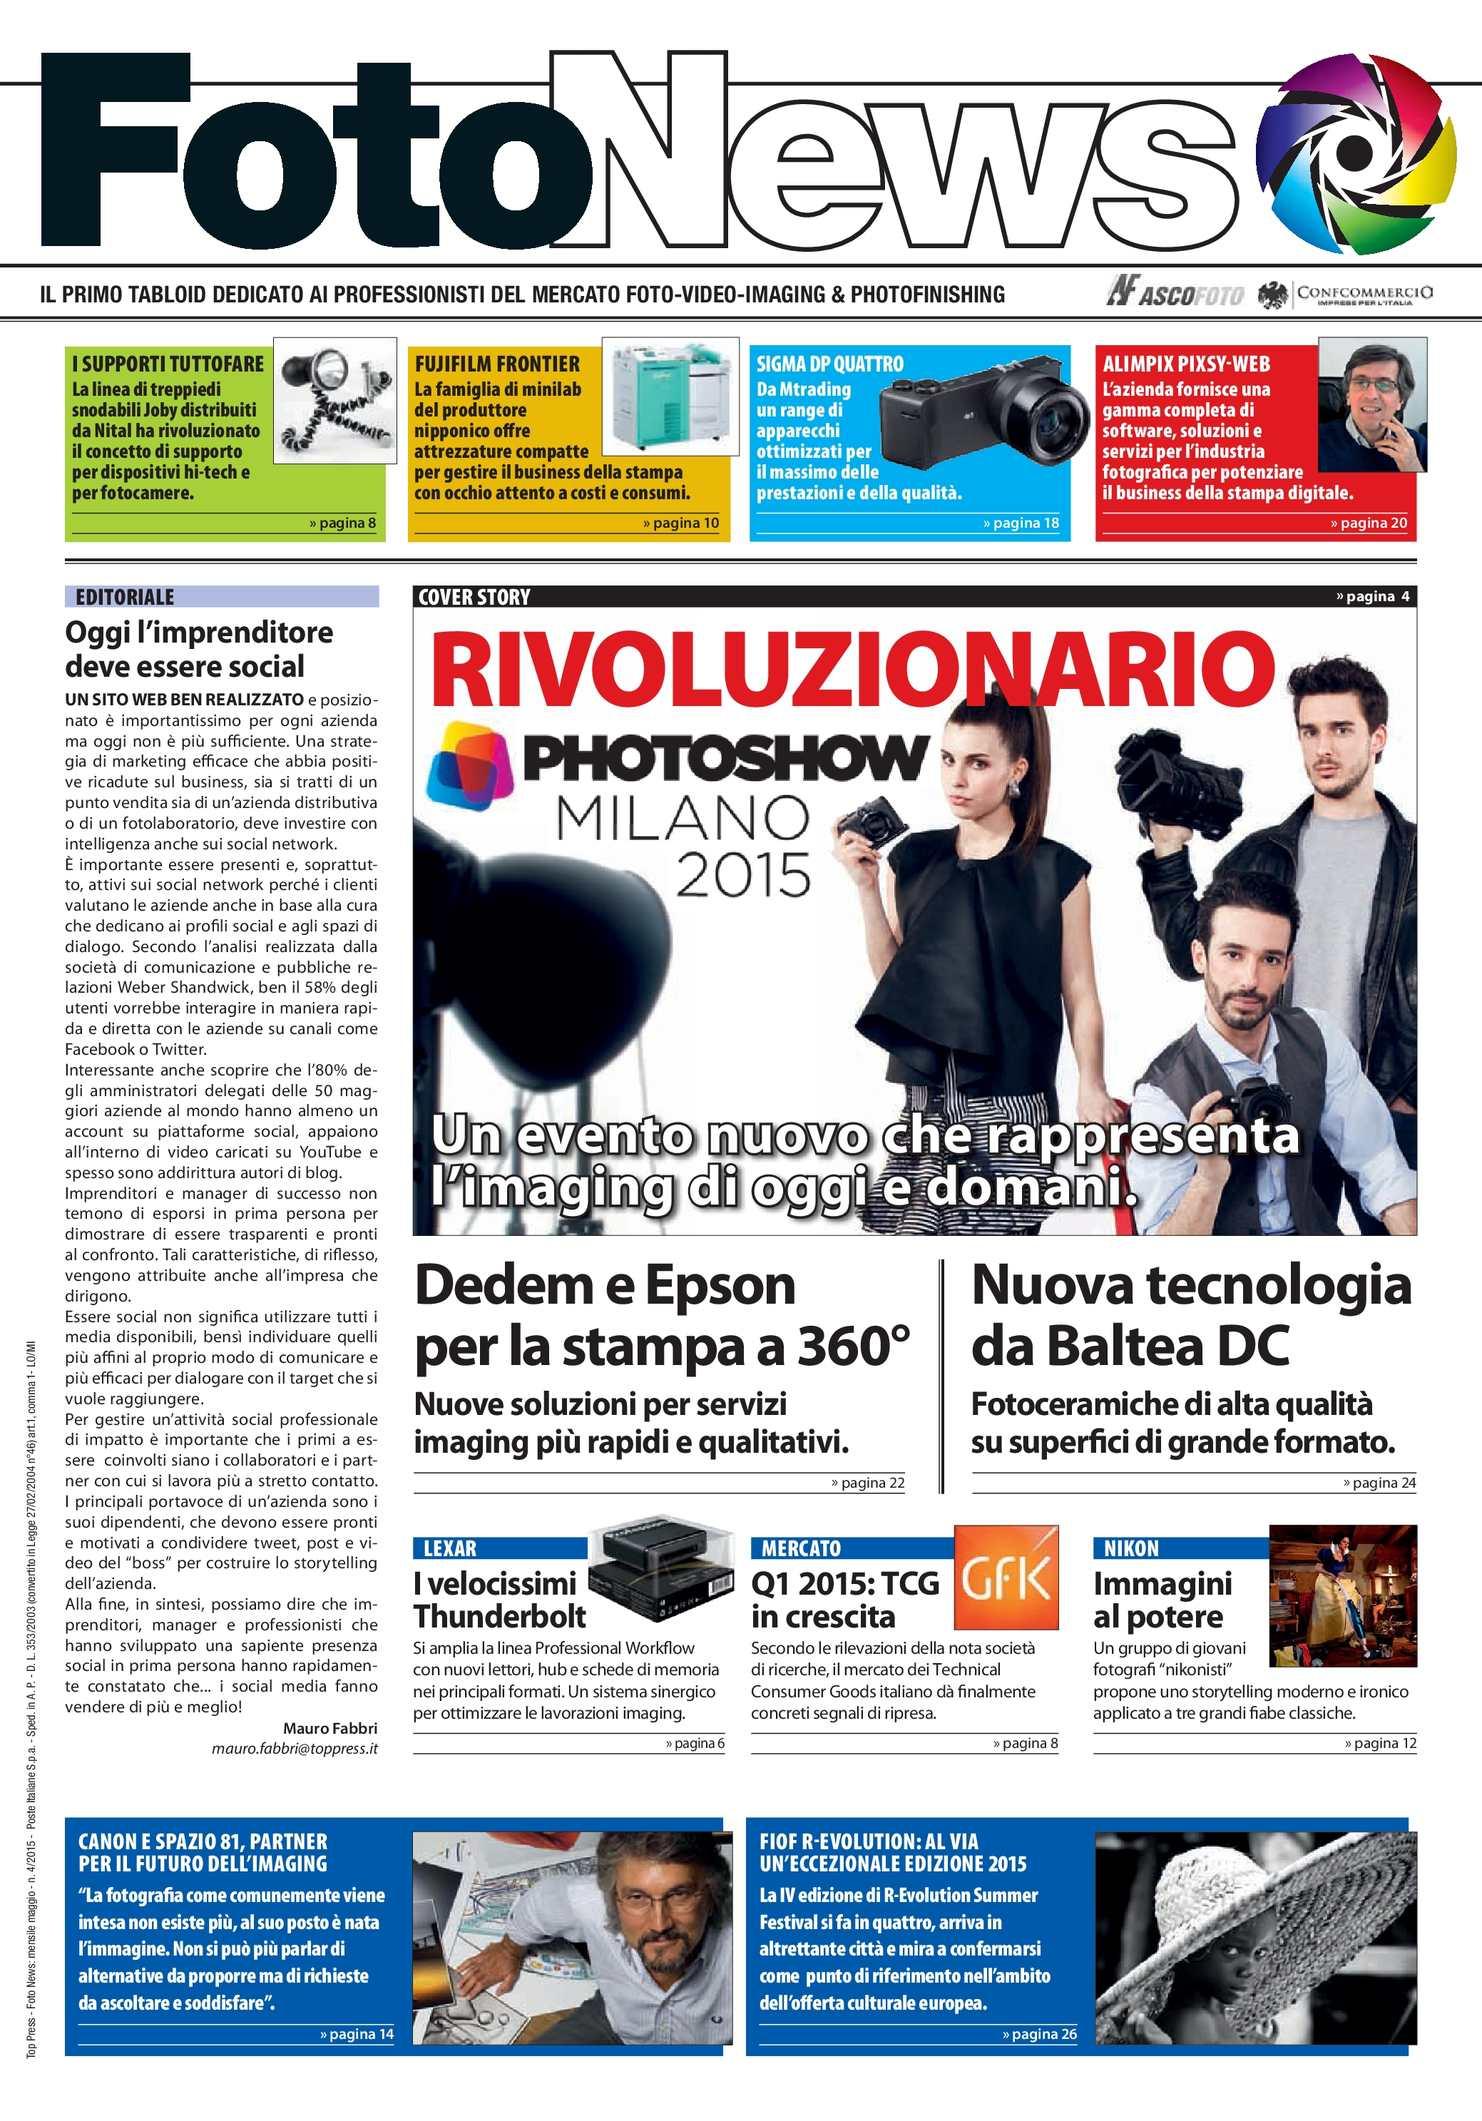 Fotonews 04/2015